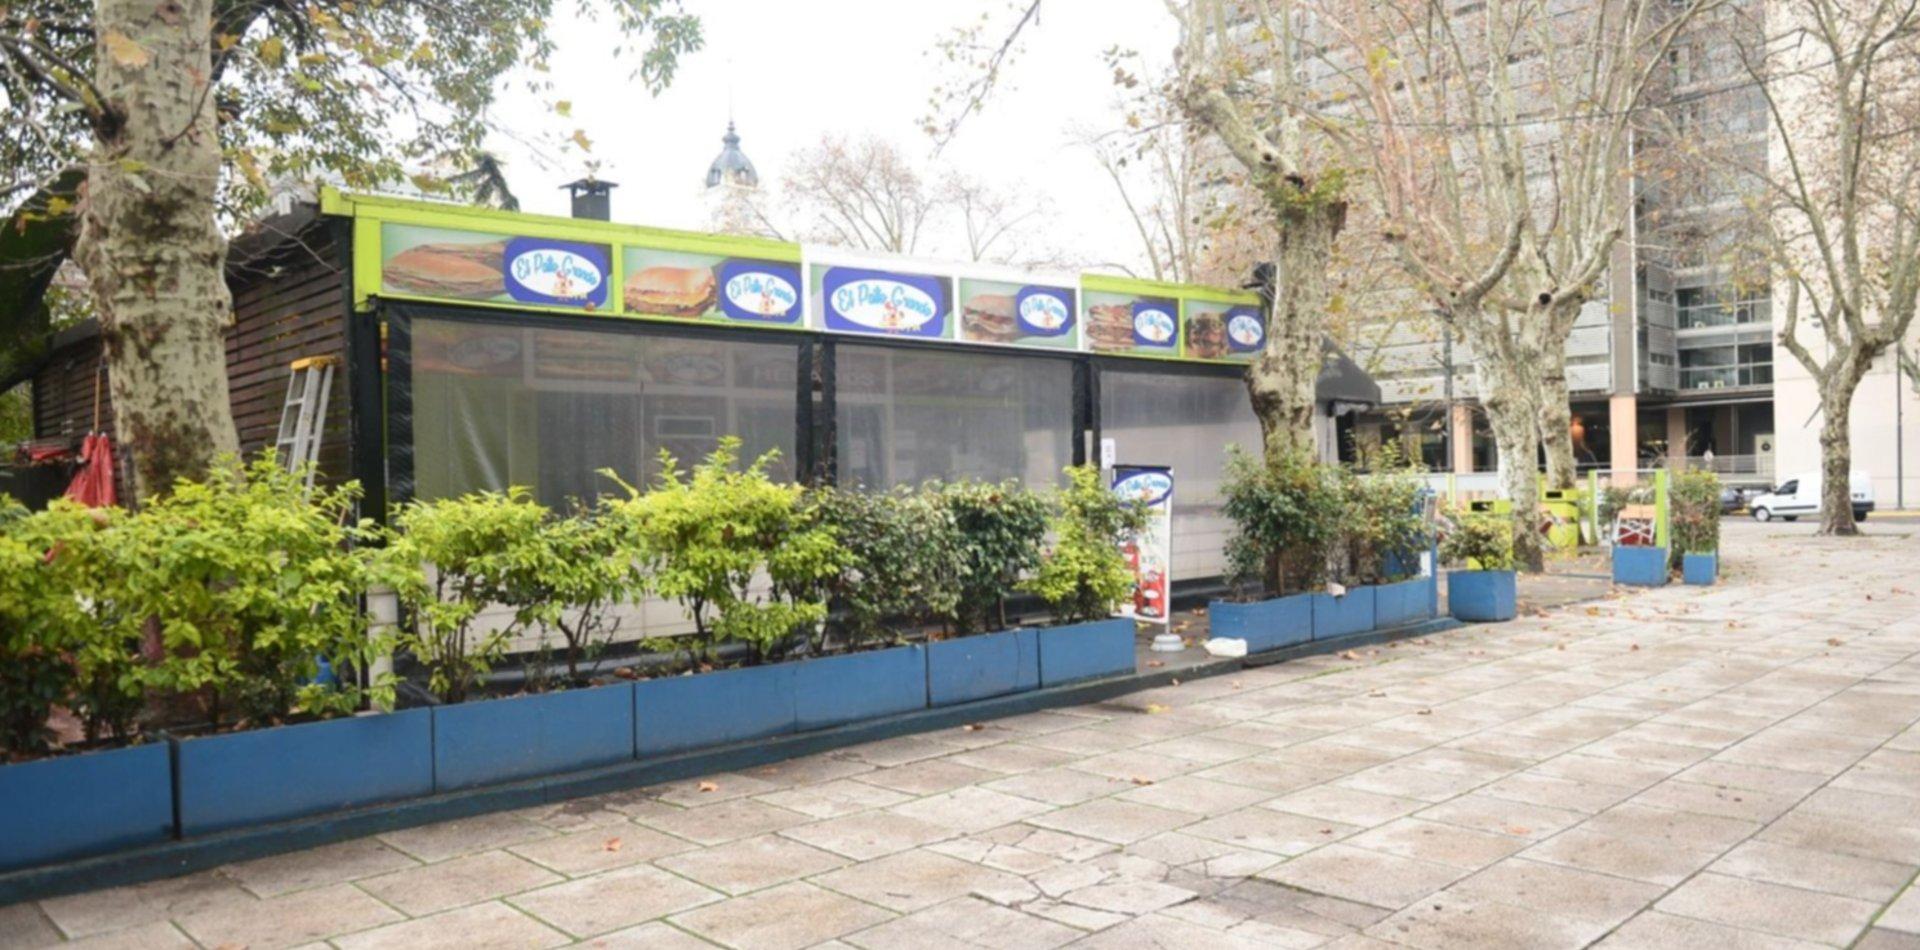 El histórico puesto El Morenito de plaza Moreno cambia de colores, logo y hasta de nombre